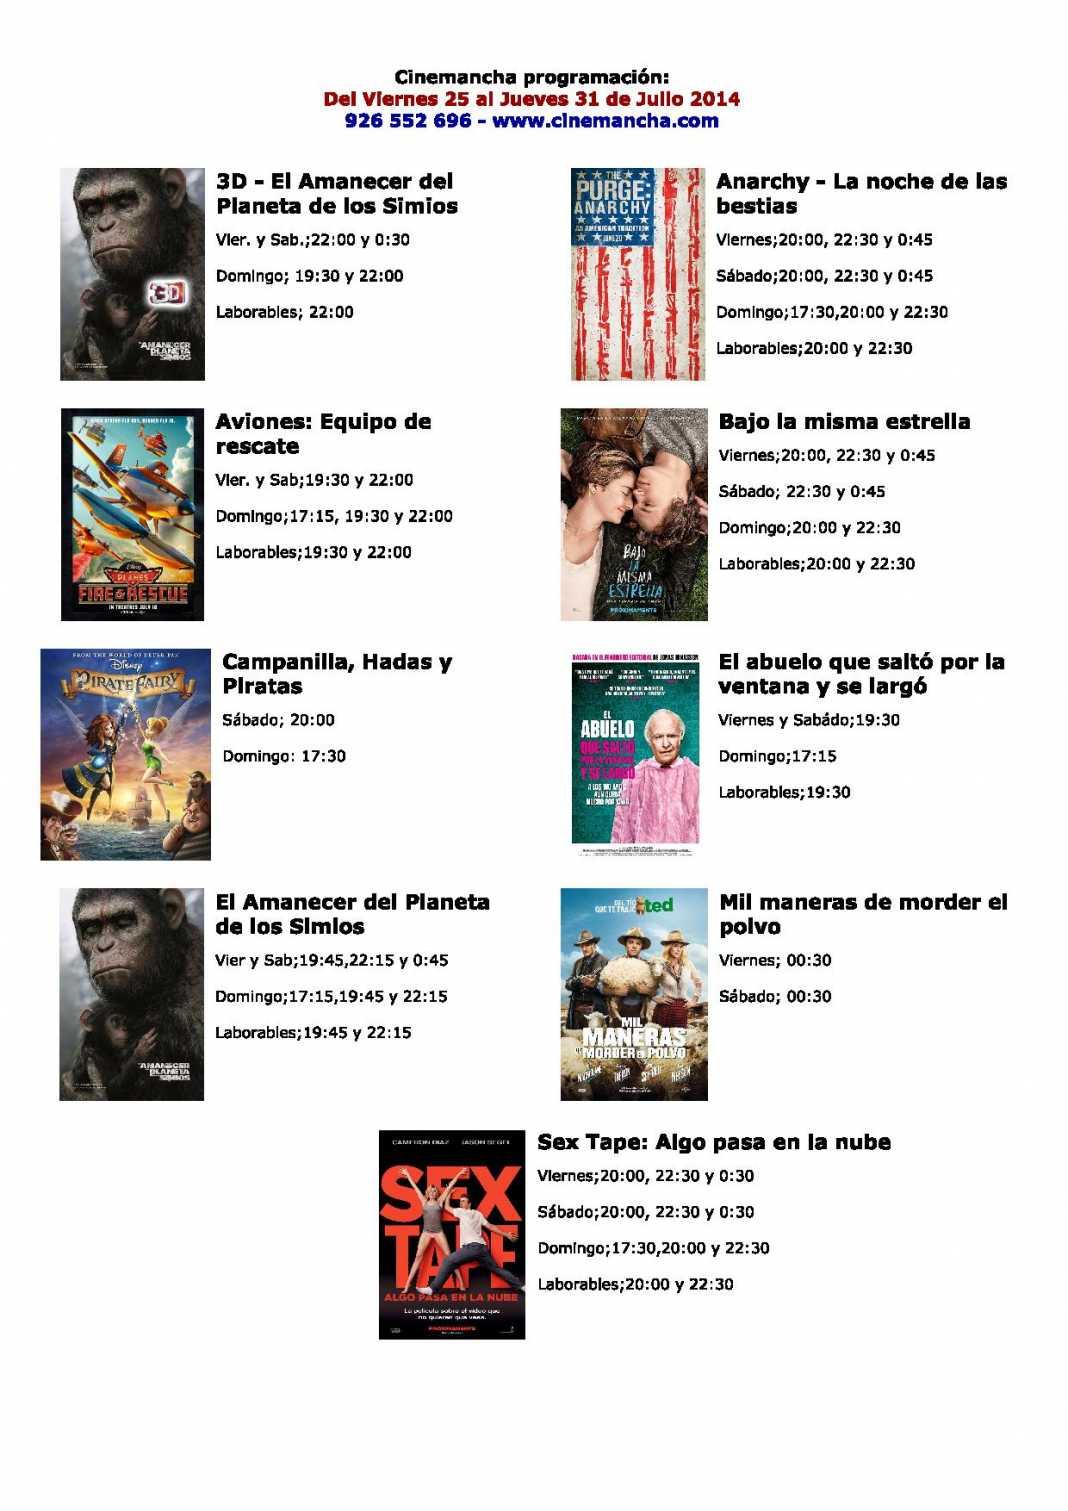 Cinemancha programación: Del Viernes 25 al Jueves 31 de Julio 2014 1